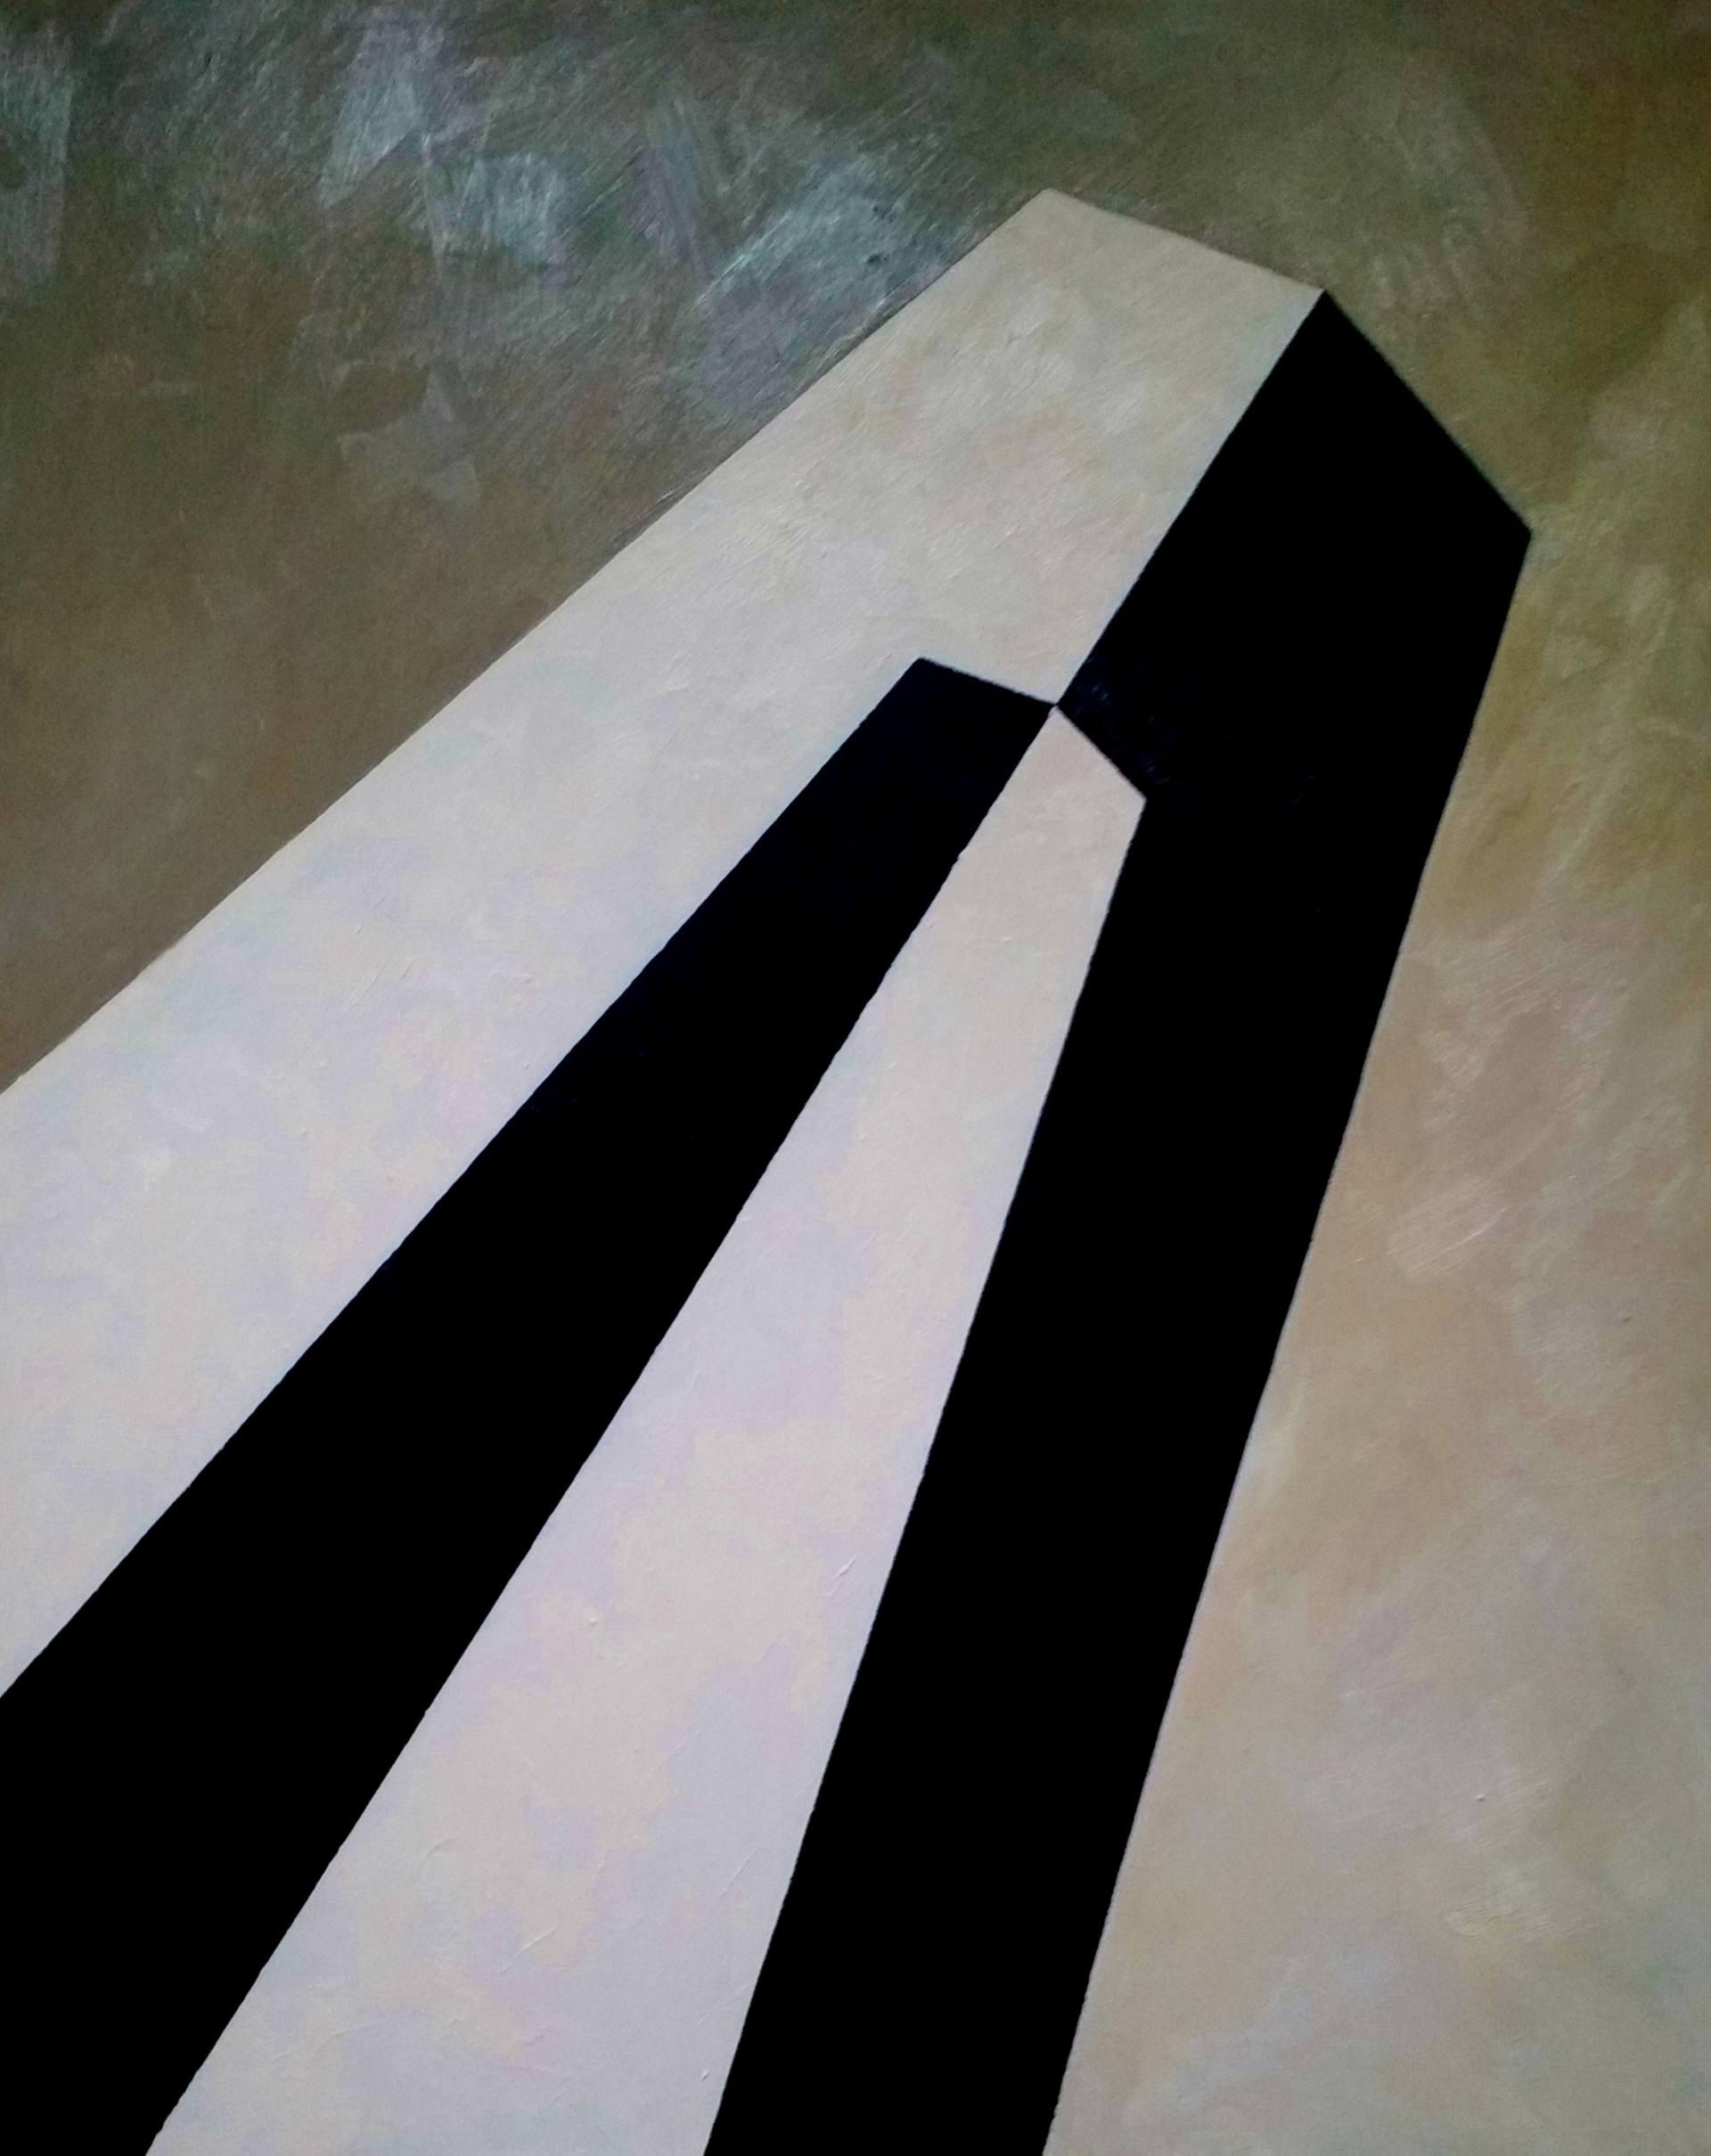 Abstract No. 15/629-09